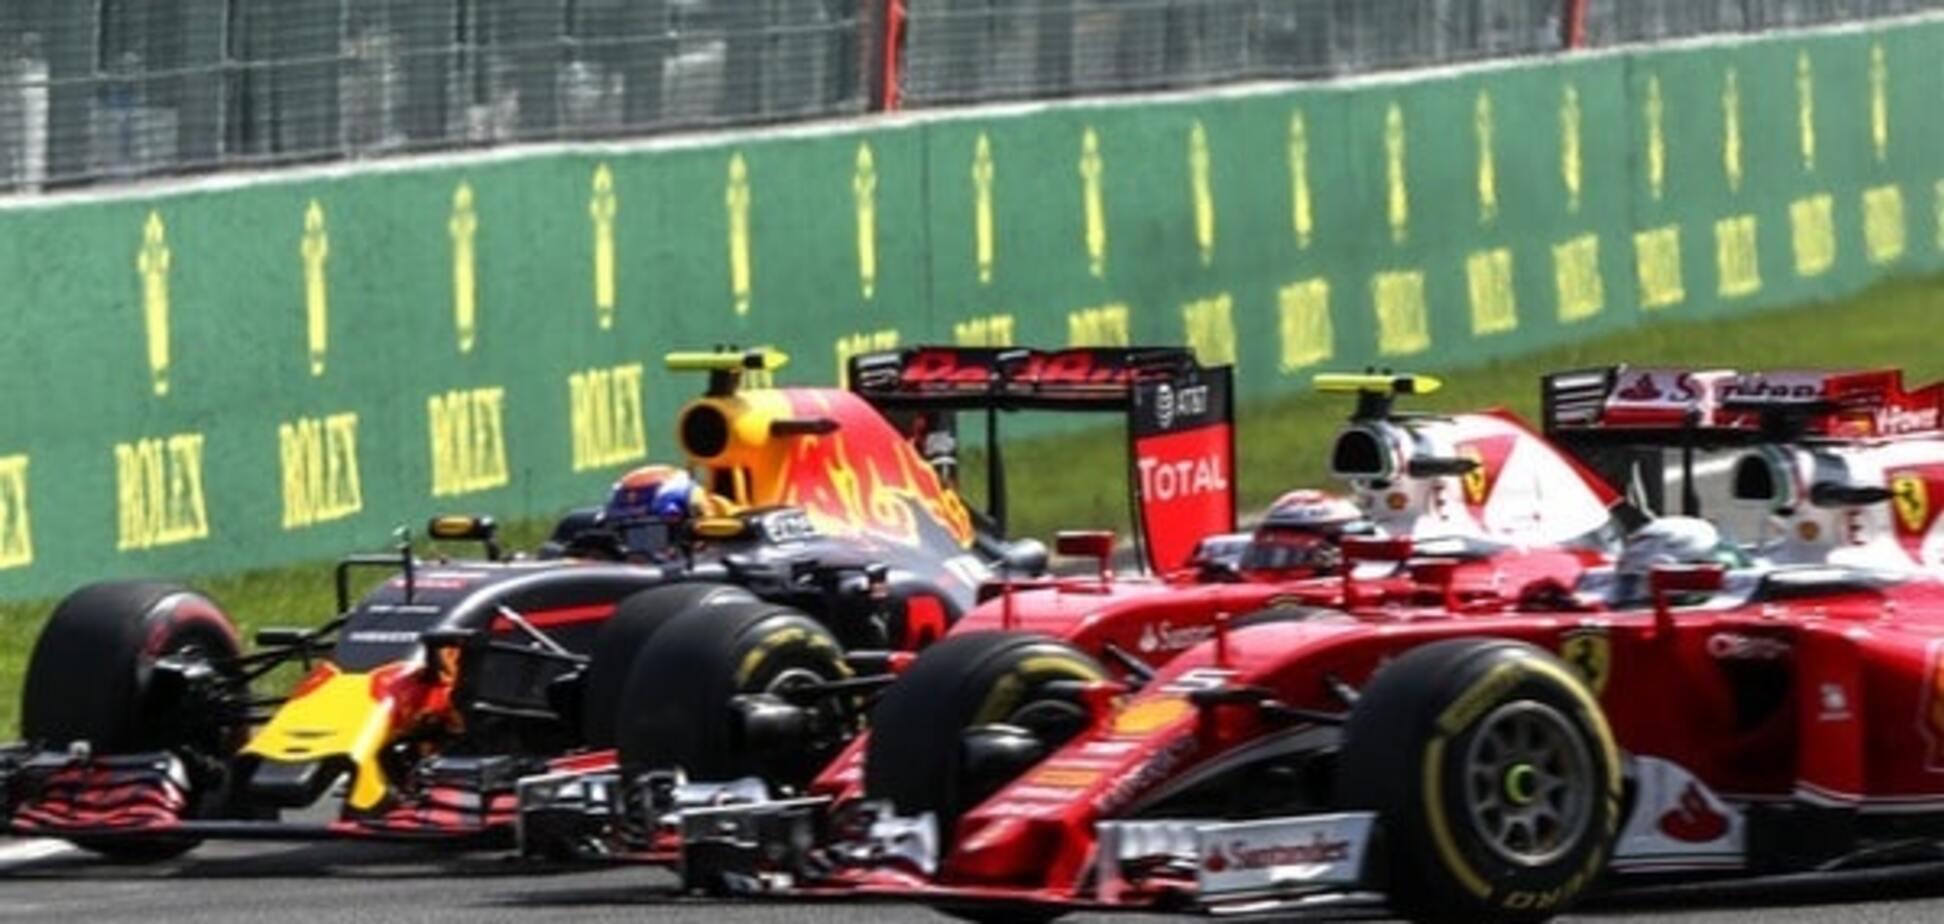 Red Bull Ferrari